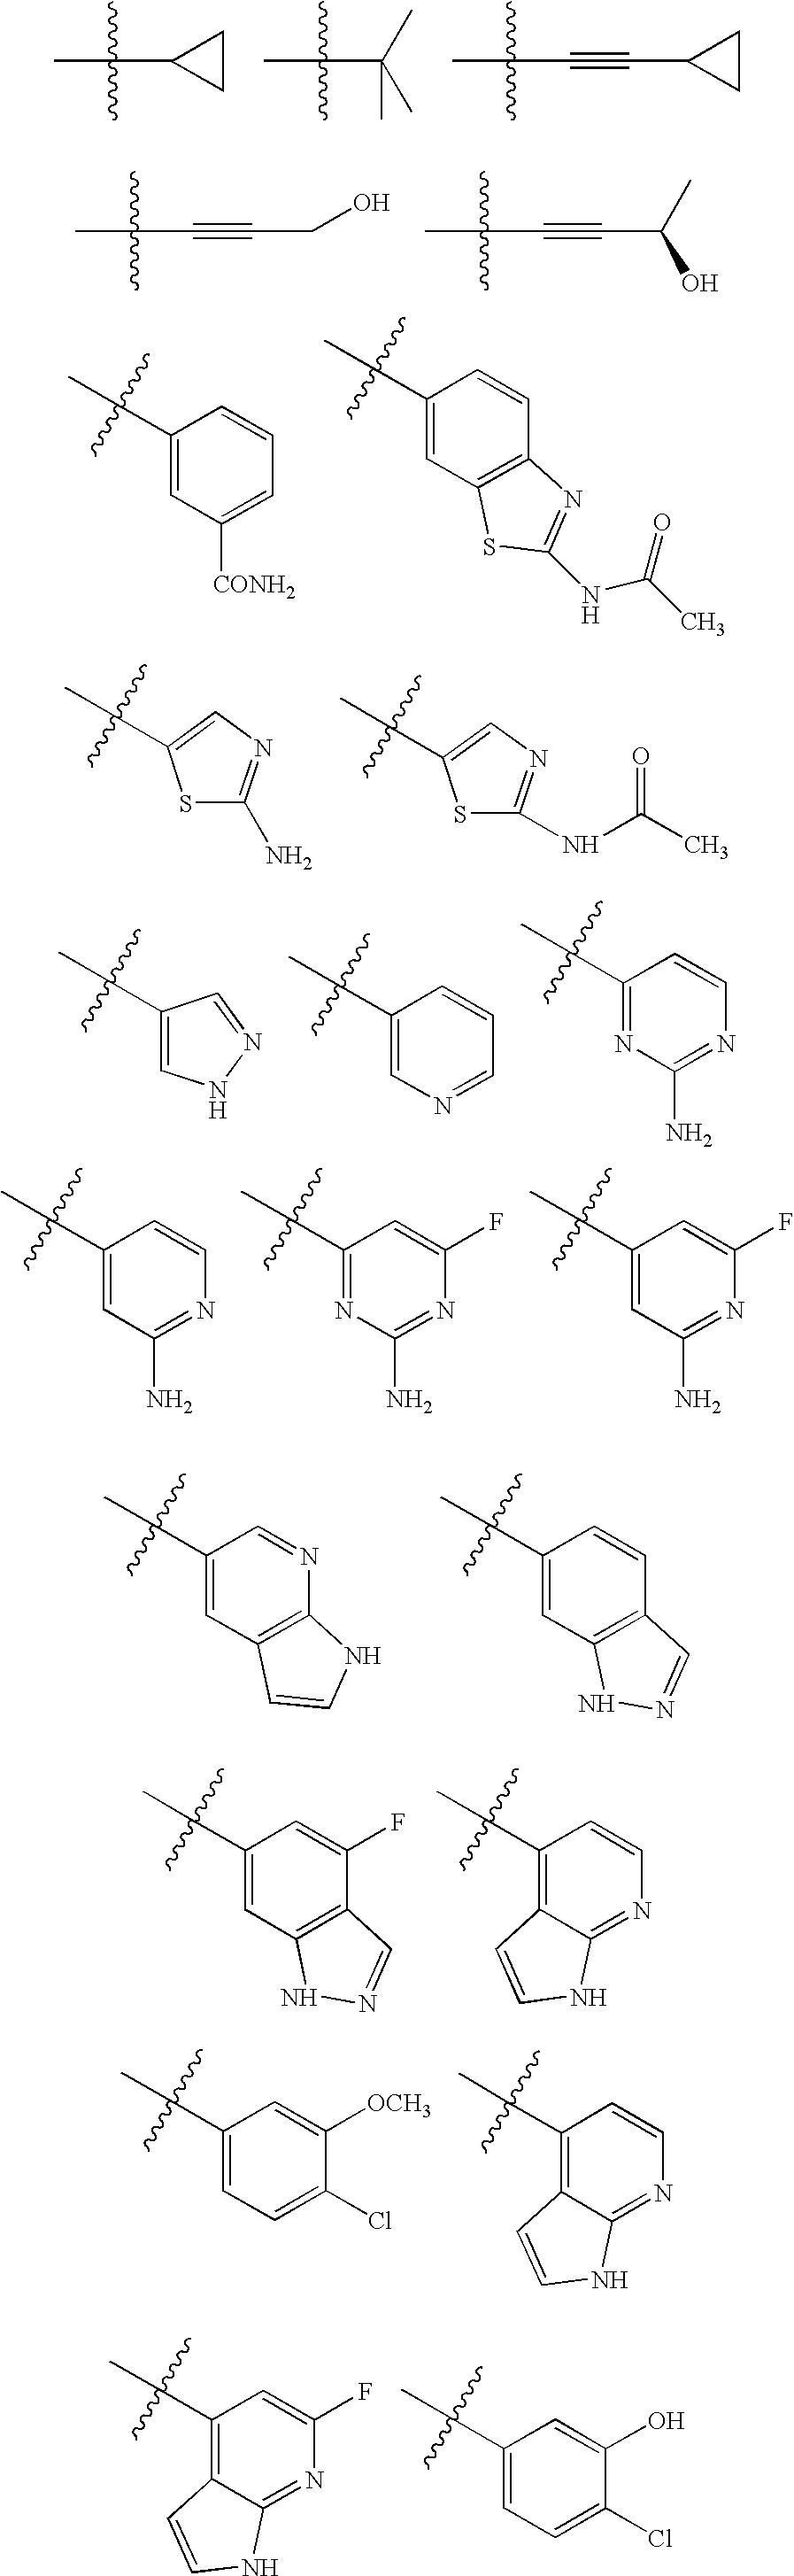 Figure US20090312319A1-20091217-C00050